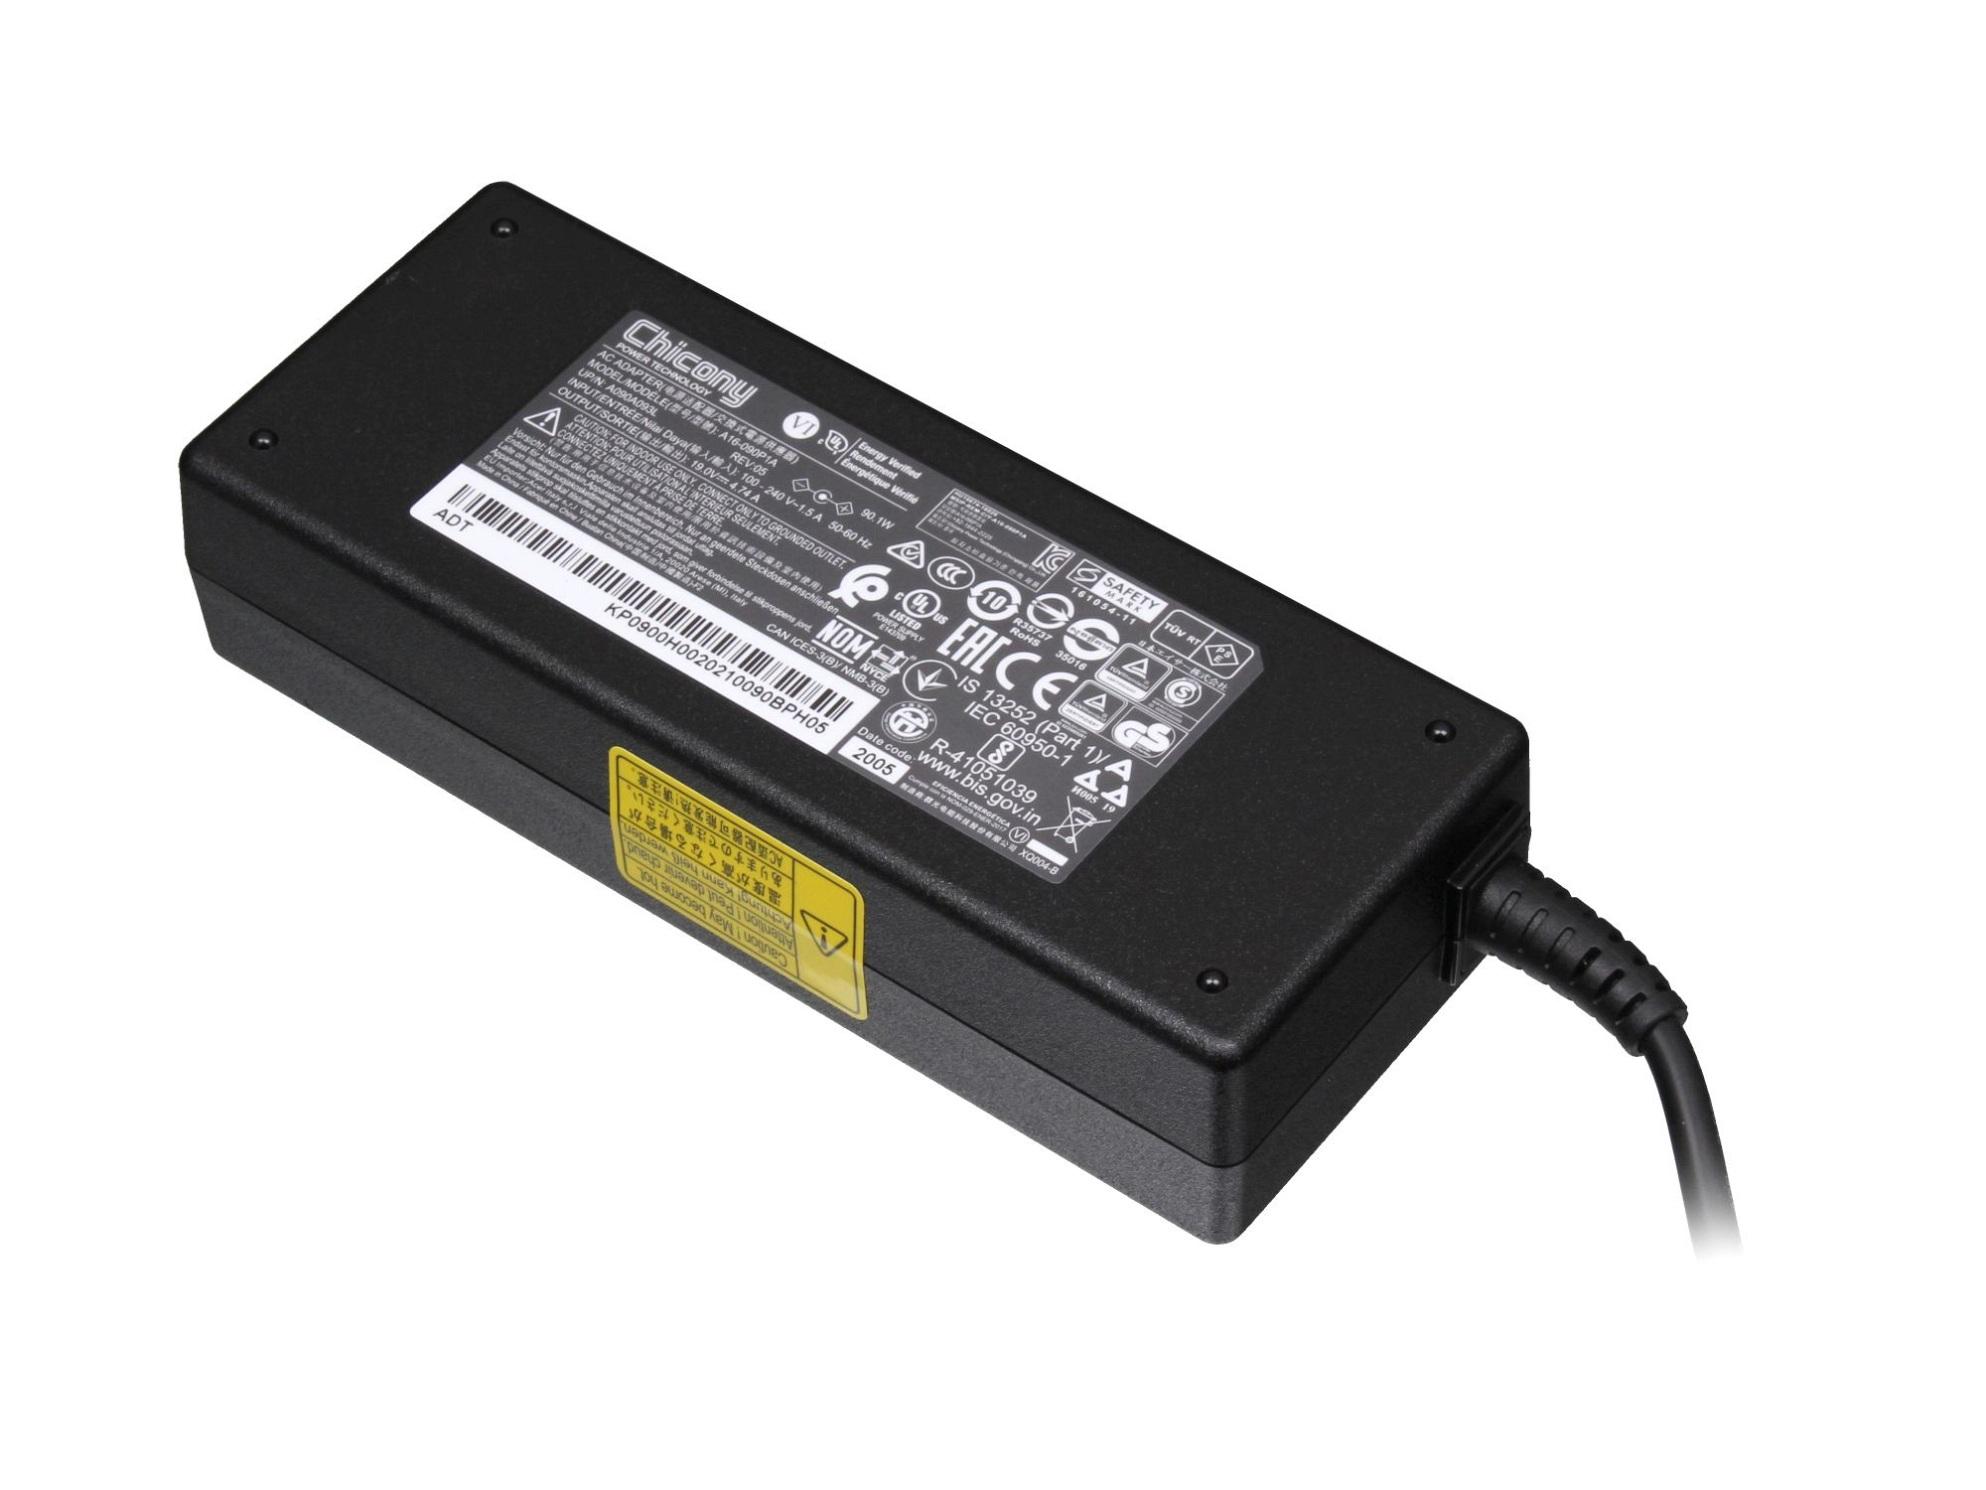 Netzteil Acer Aspire 7730Z-323G25Mn